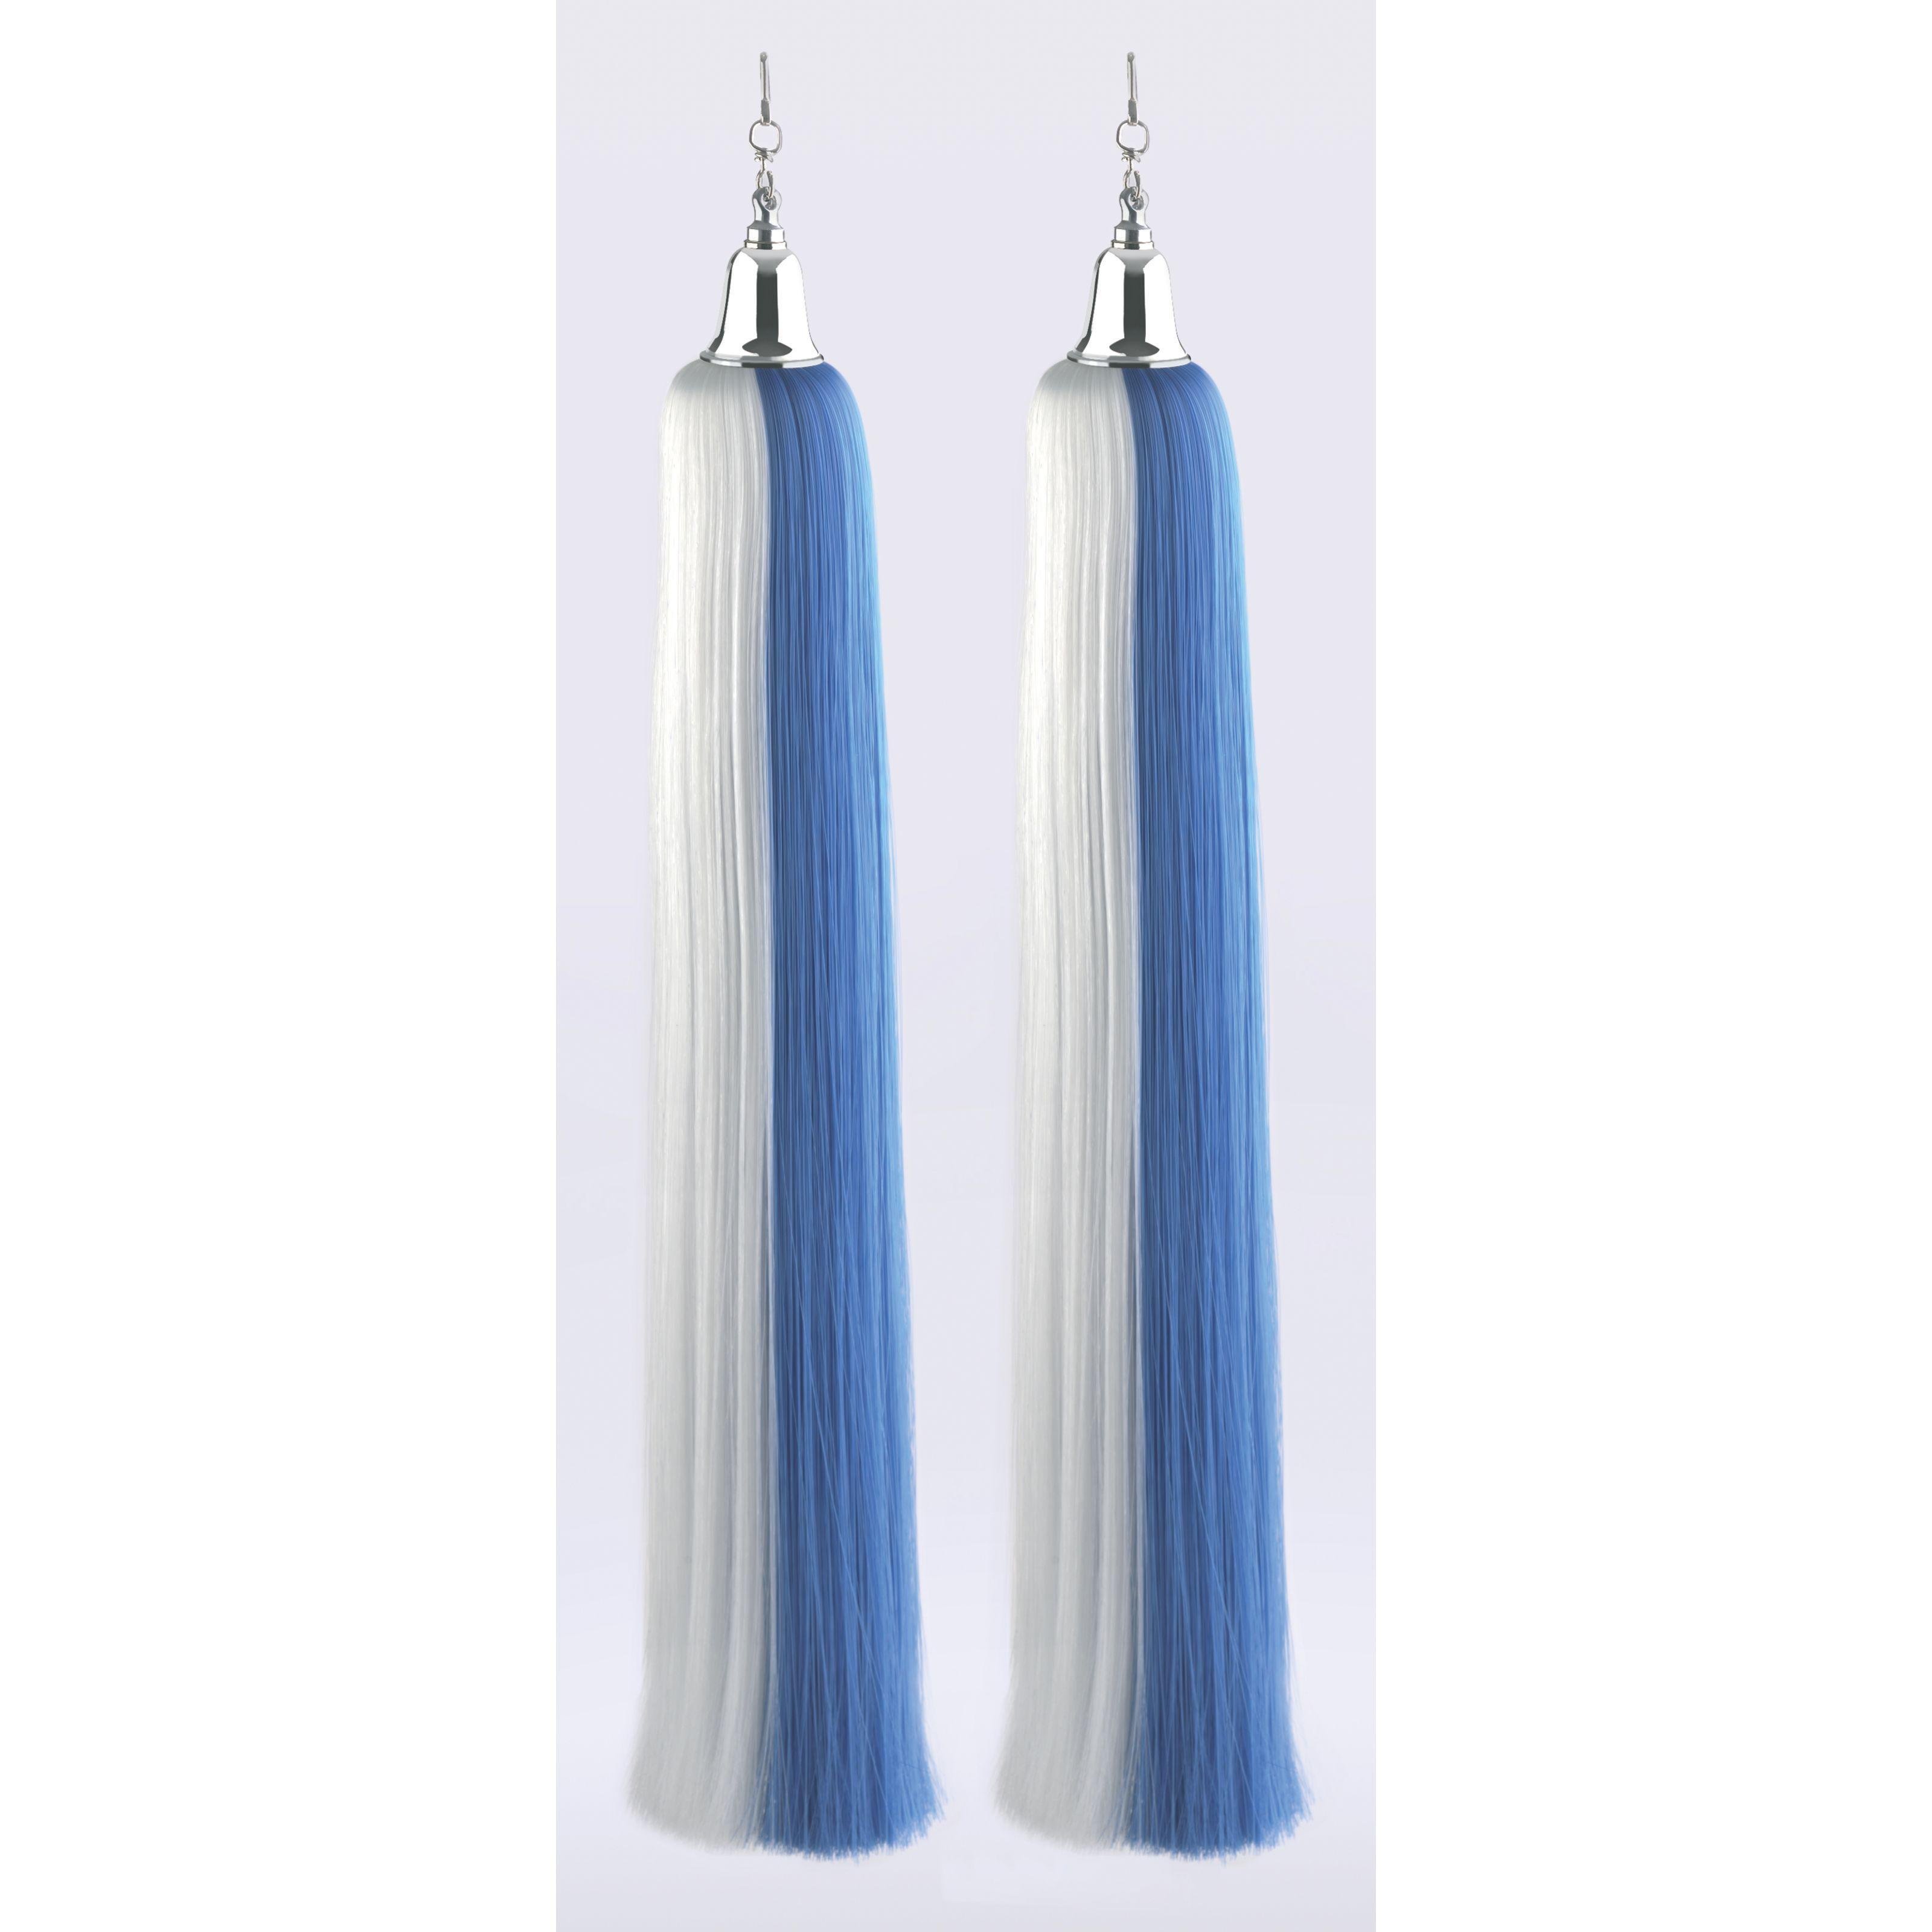 KLIER KG - JK Lyra-Schweife, blau-weiß, 1 Paar 510353